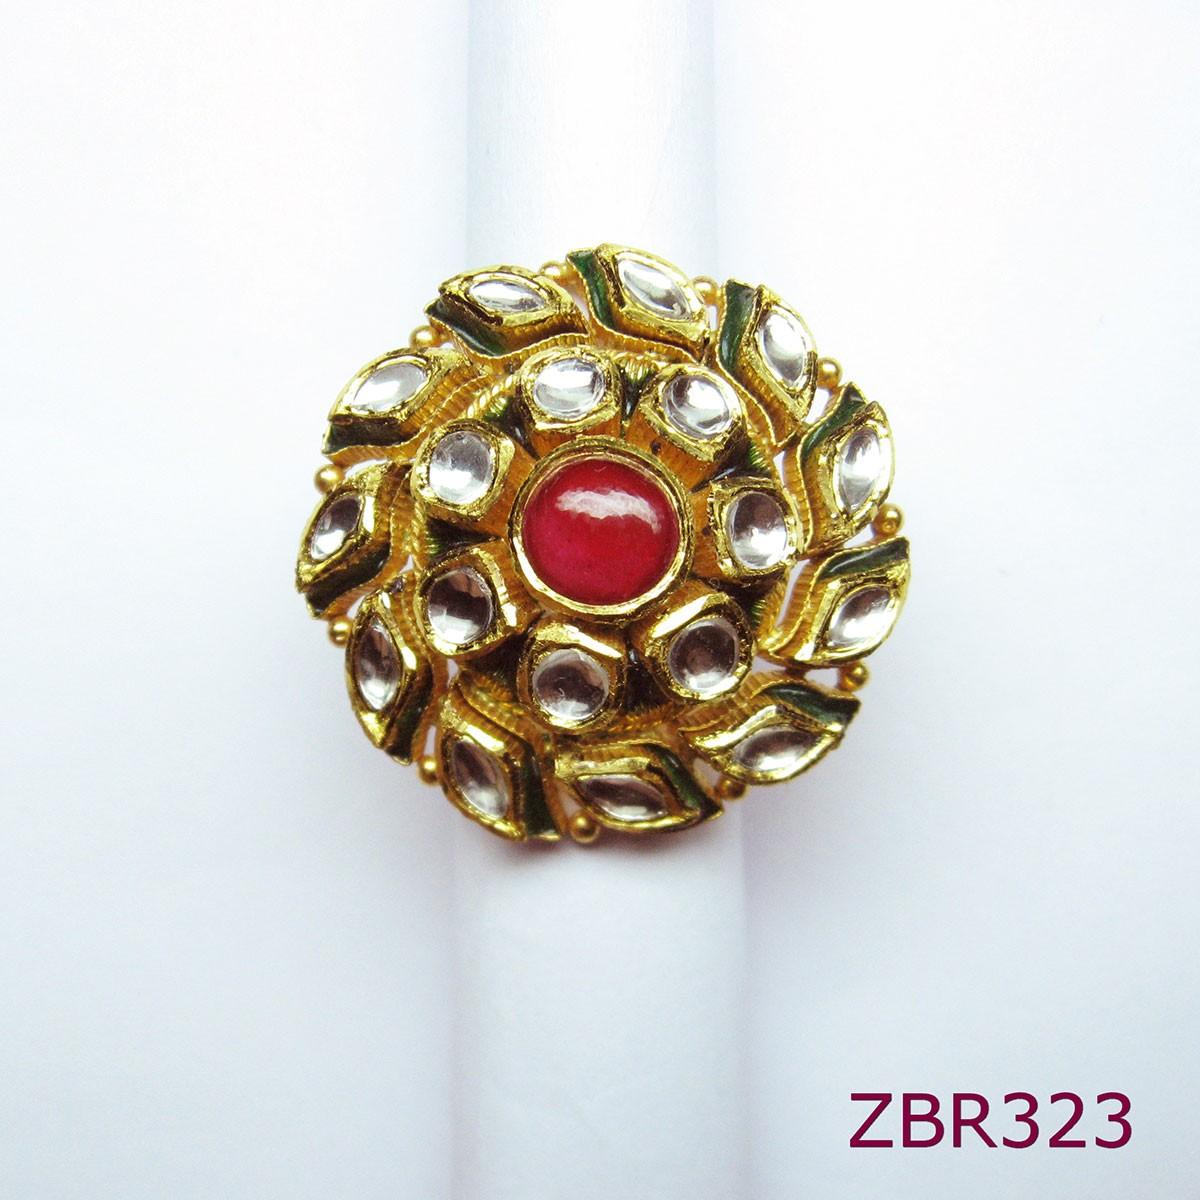 ZBR323